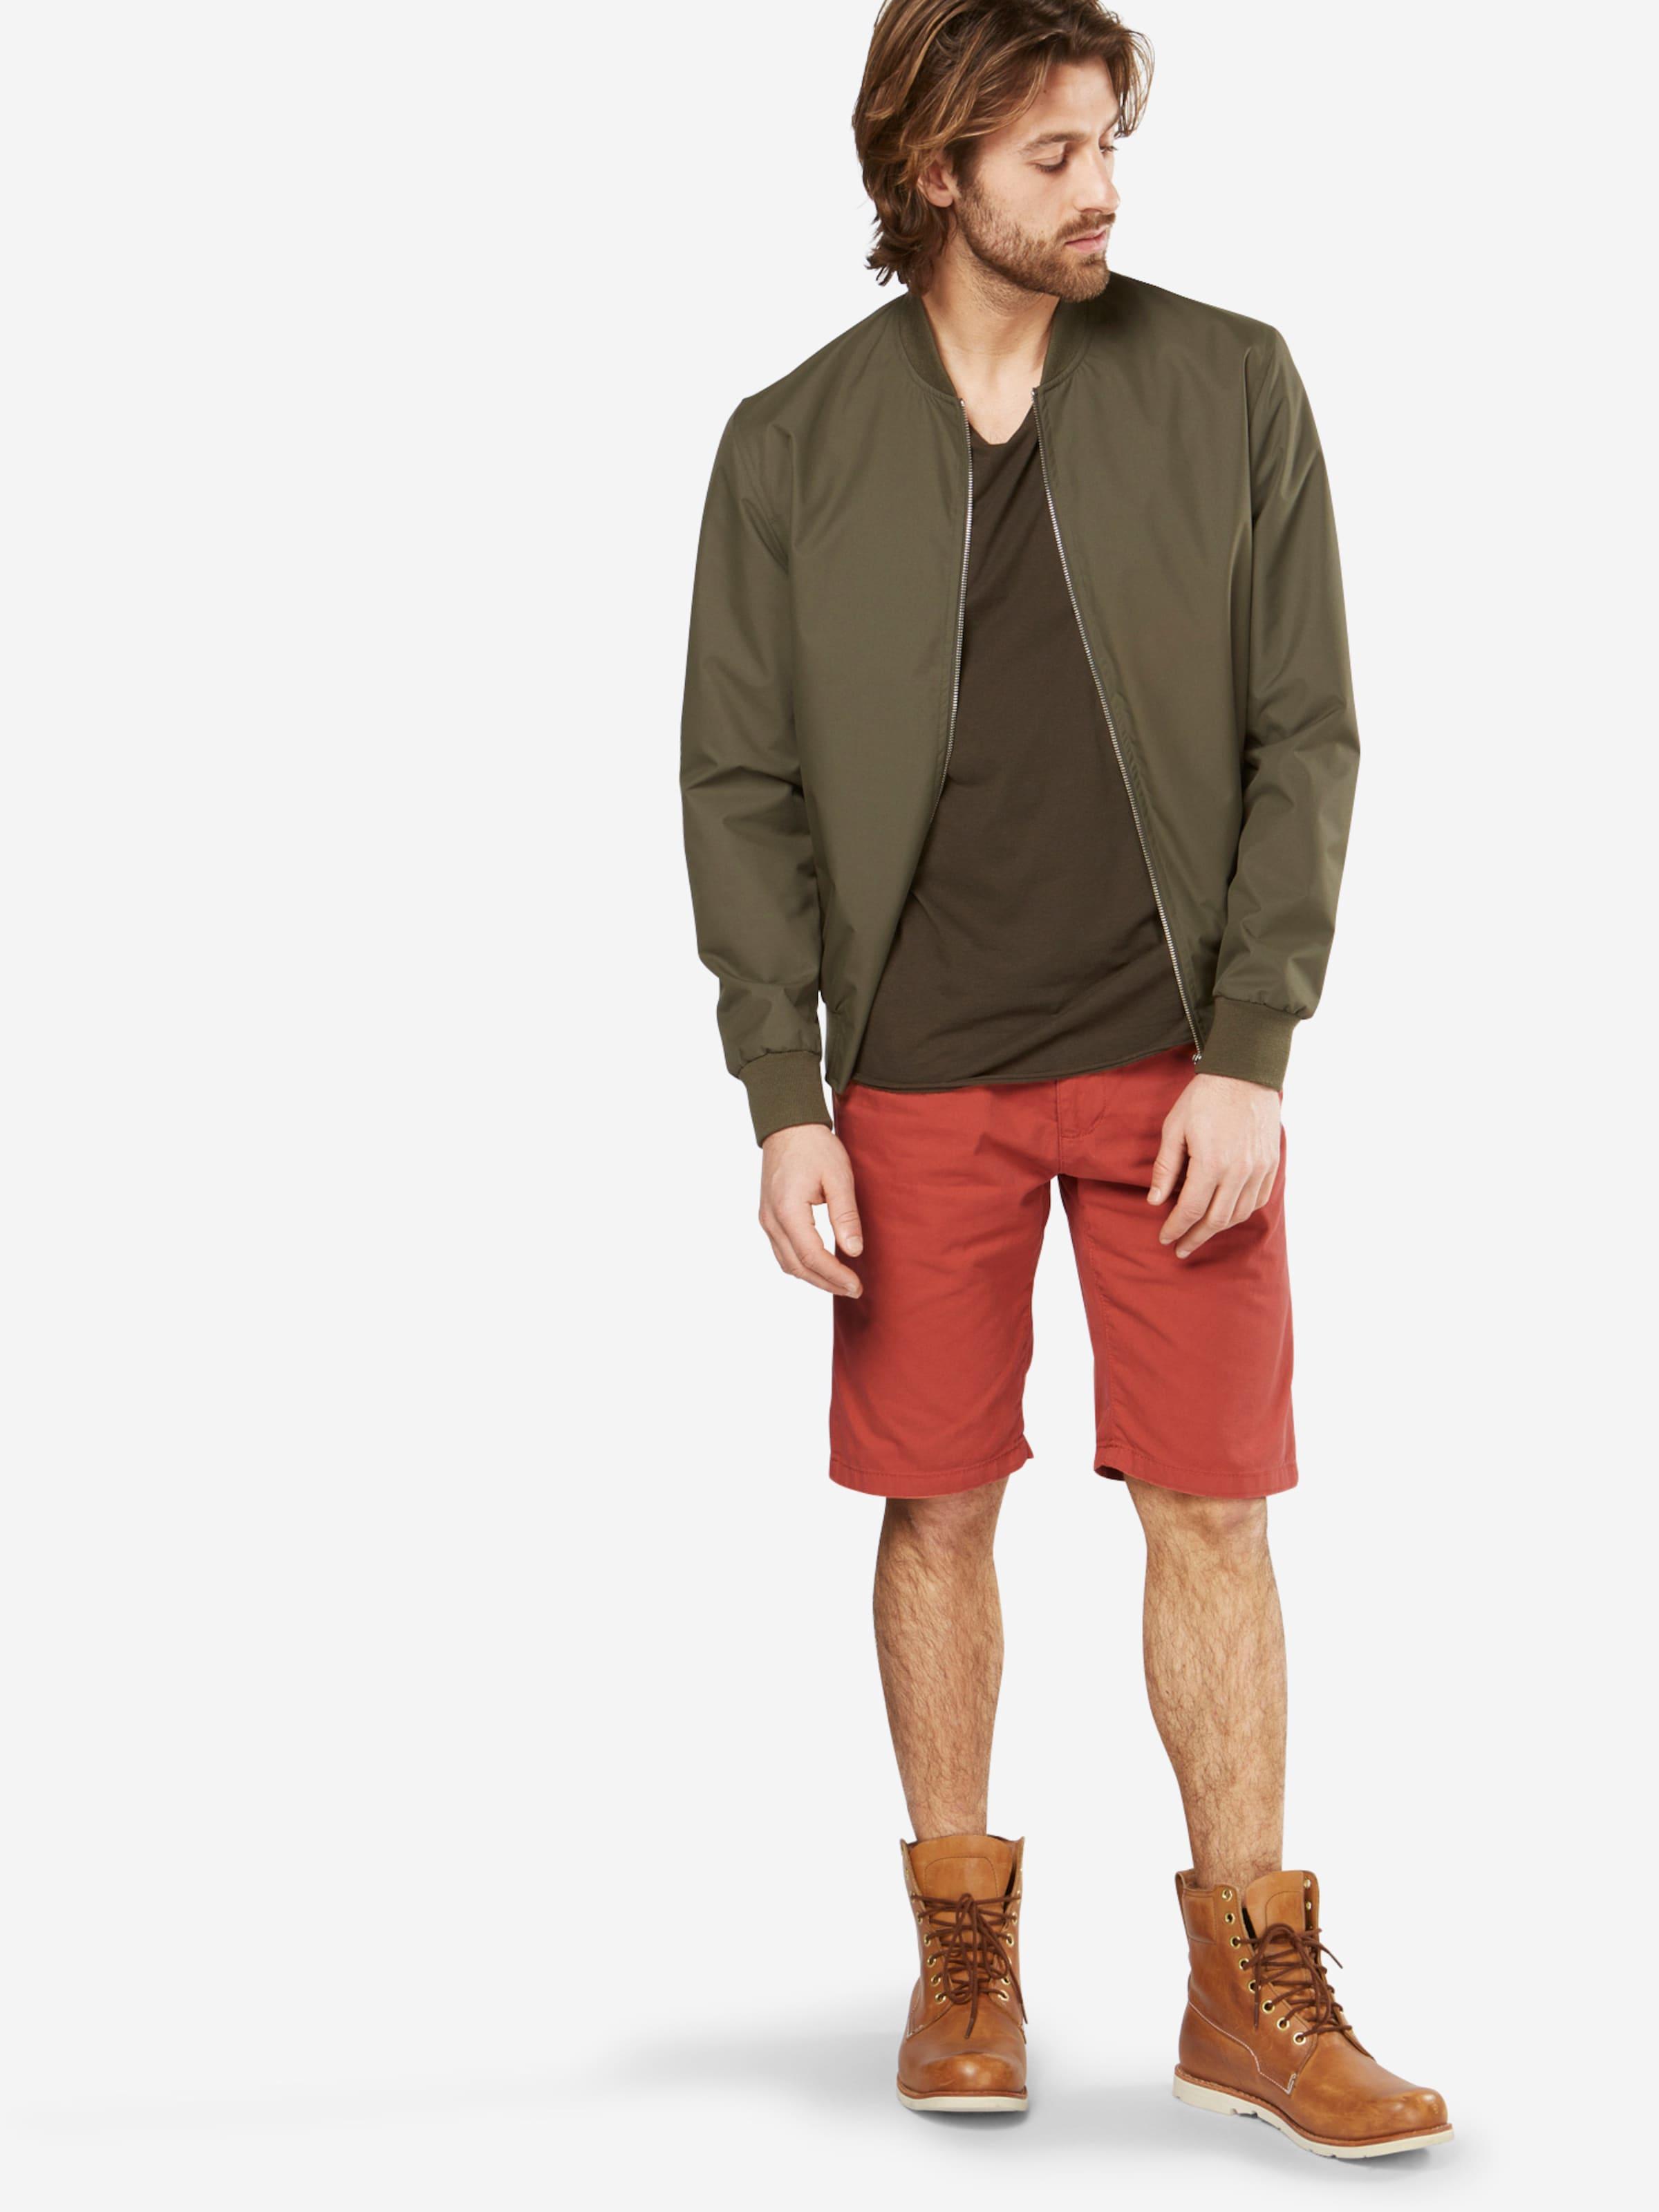 Verkauf Outlet-Store Rabatt Beste INDICODE JEANS Chino-Shorts 'Royce' Klassisch Billig Finden Große Bestes Geschäft Zu Bekommen Günstigen Preis qvXRQ